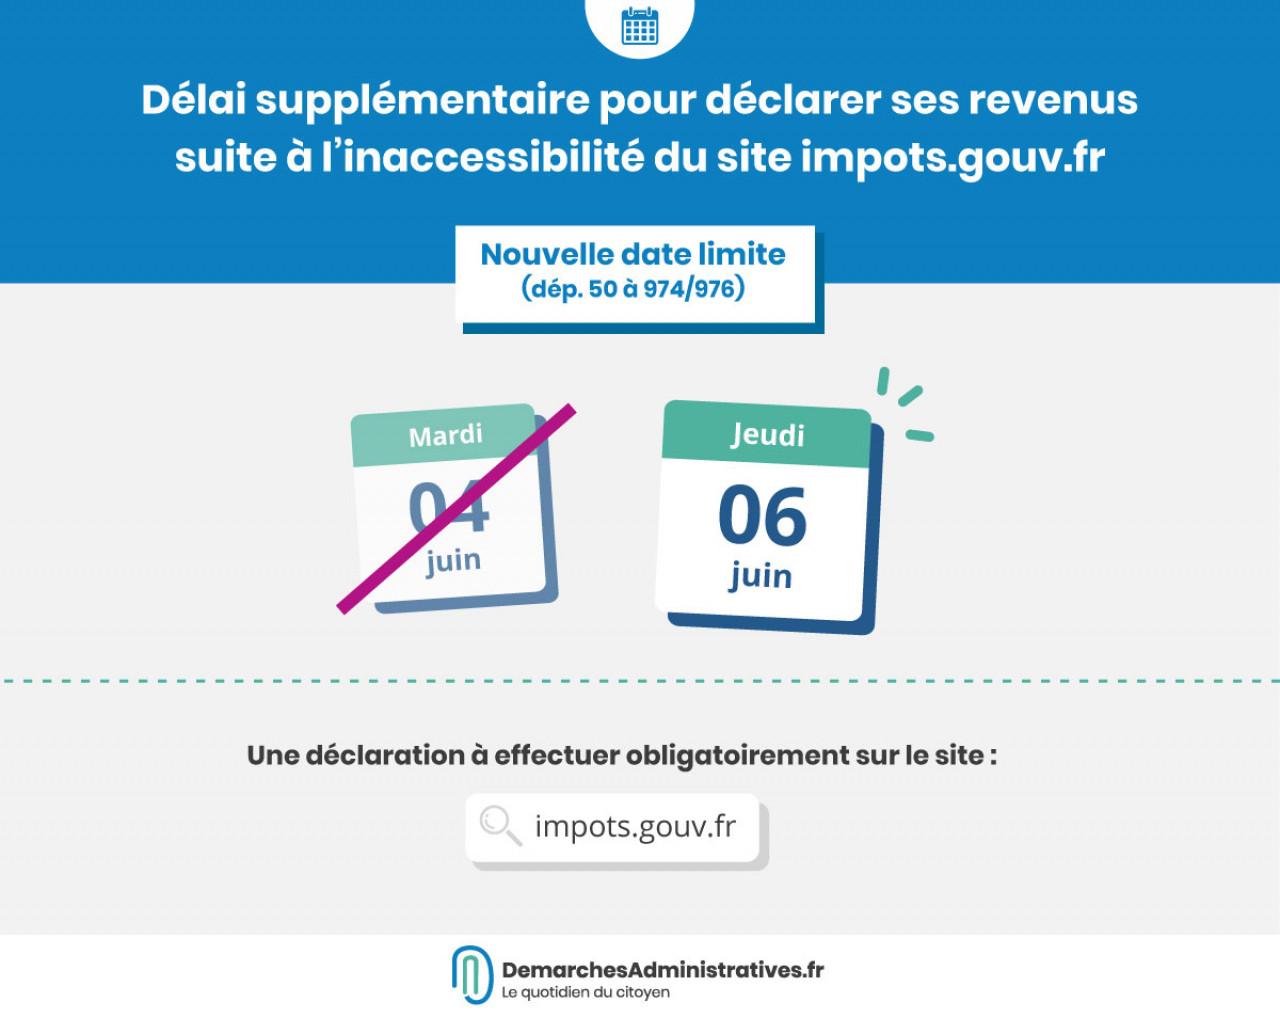 Délai supplémentaire pour la déclaration de revenus pour les départements 50 à 974/976